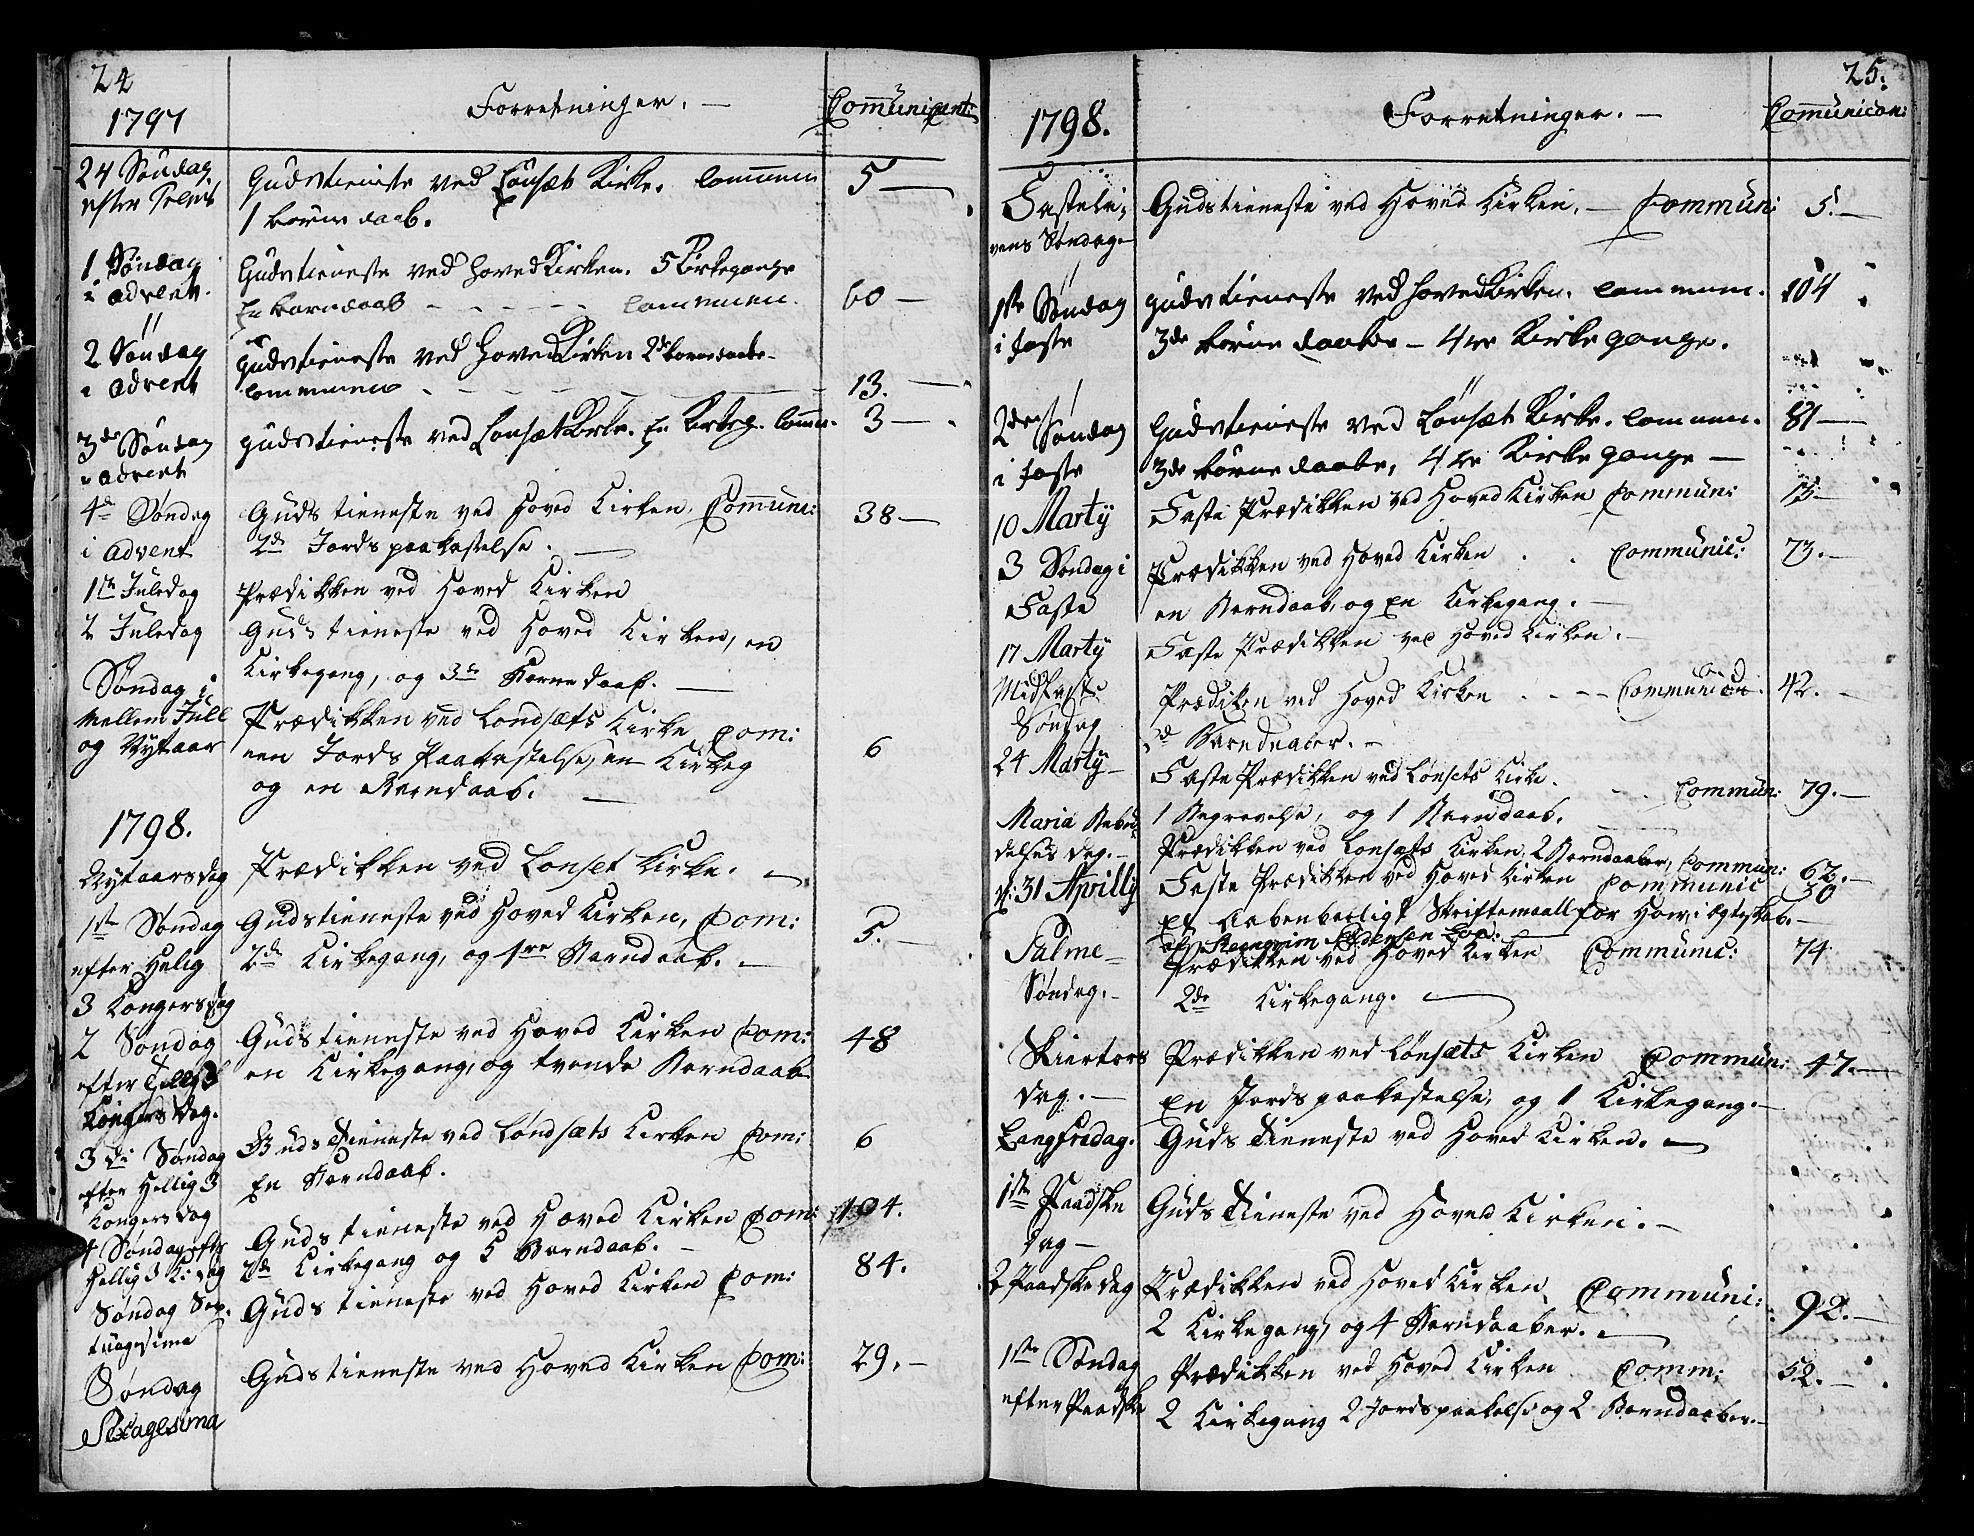 SAT, Ministerialprotokoller, klokkerbøker og fødselsregistre - Sør-Trøndelag, 678/L0893: Ministerialbok nr. 678A03, 1792-1805, s. 24-25